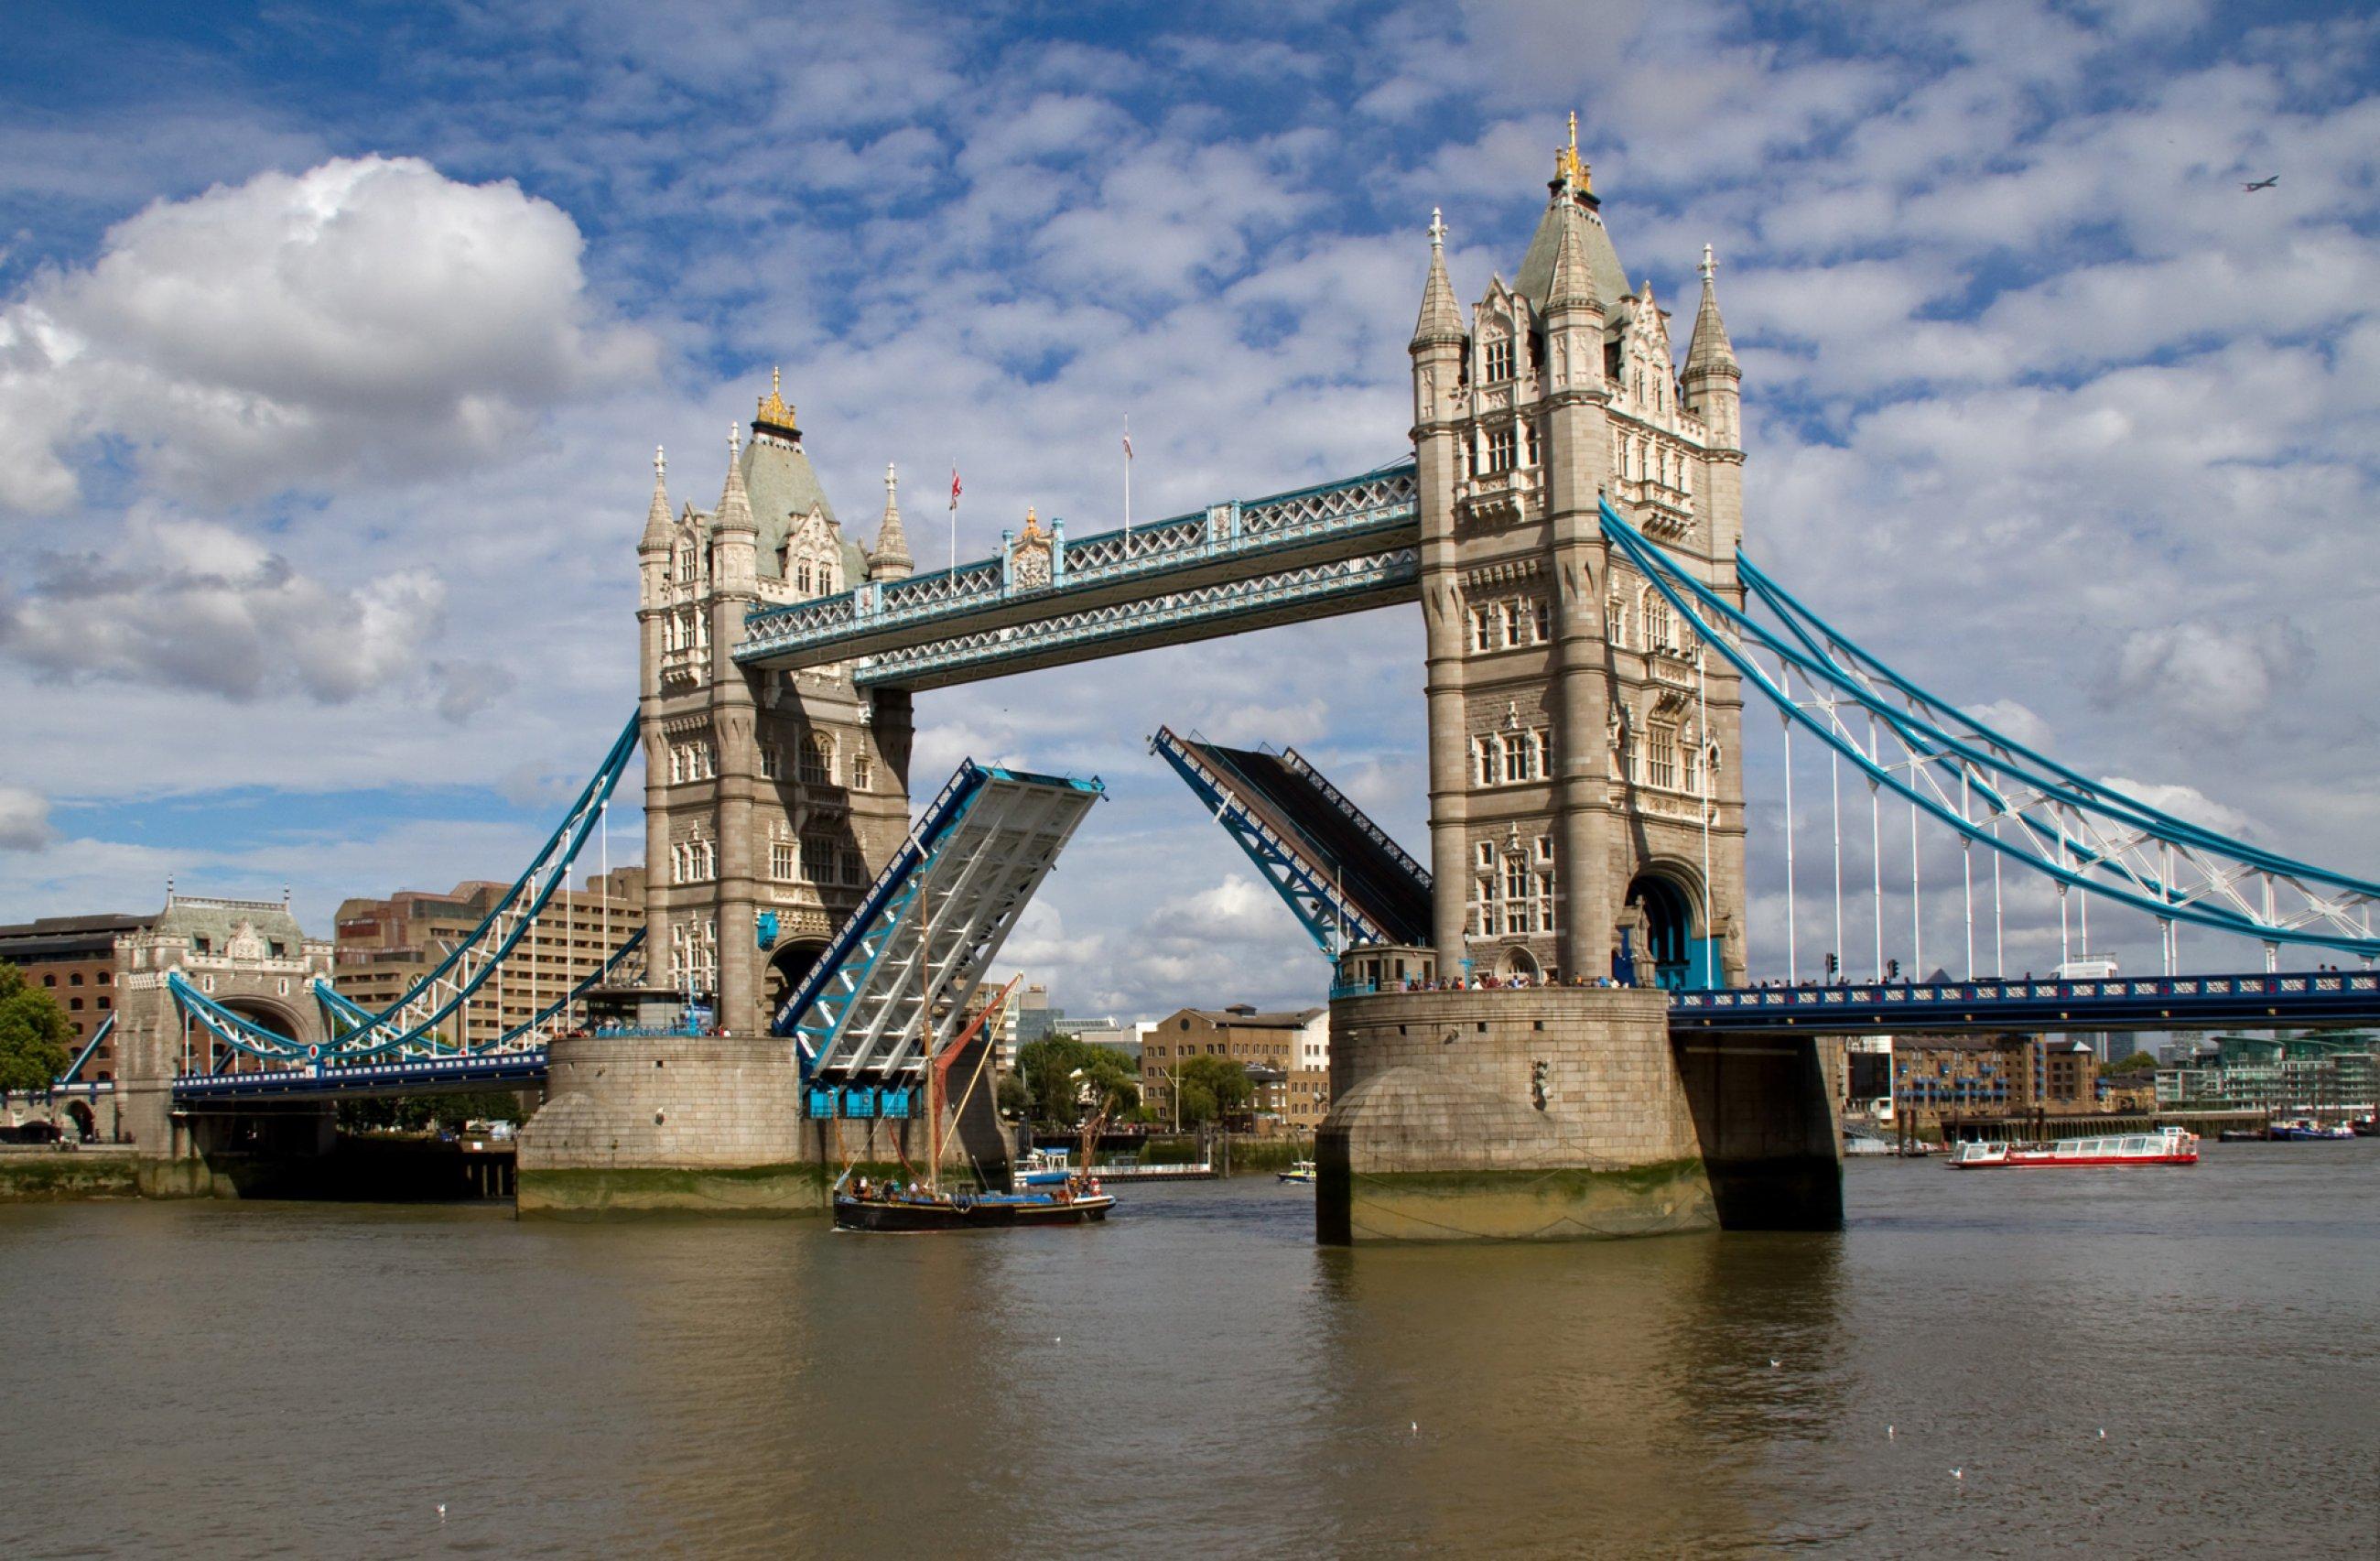 https://bubo.sk/uploads/galleries/7350/tower-bridge-open-6086268699-.jpg